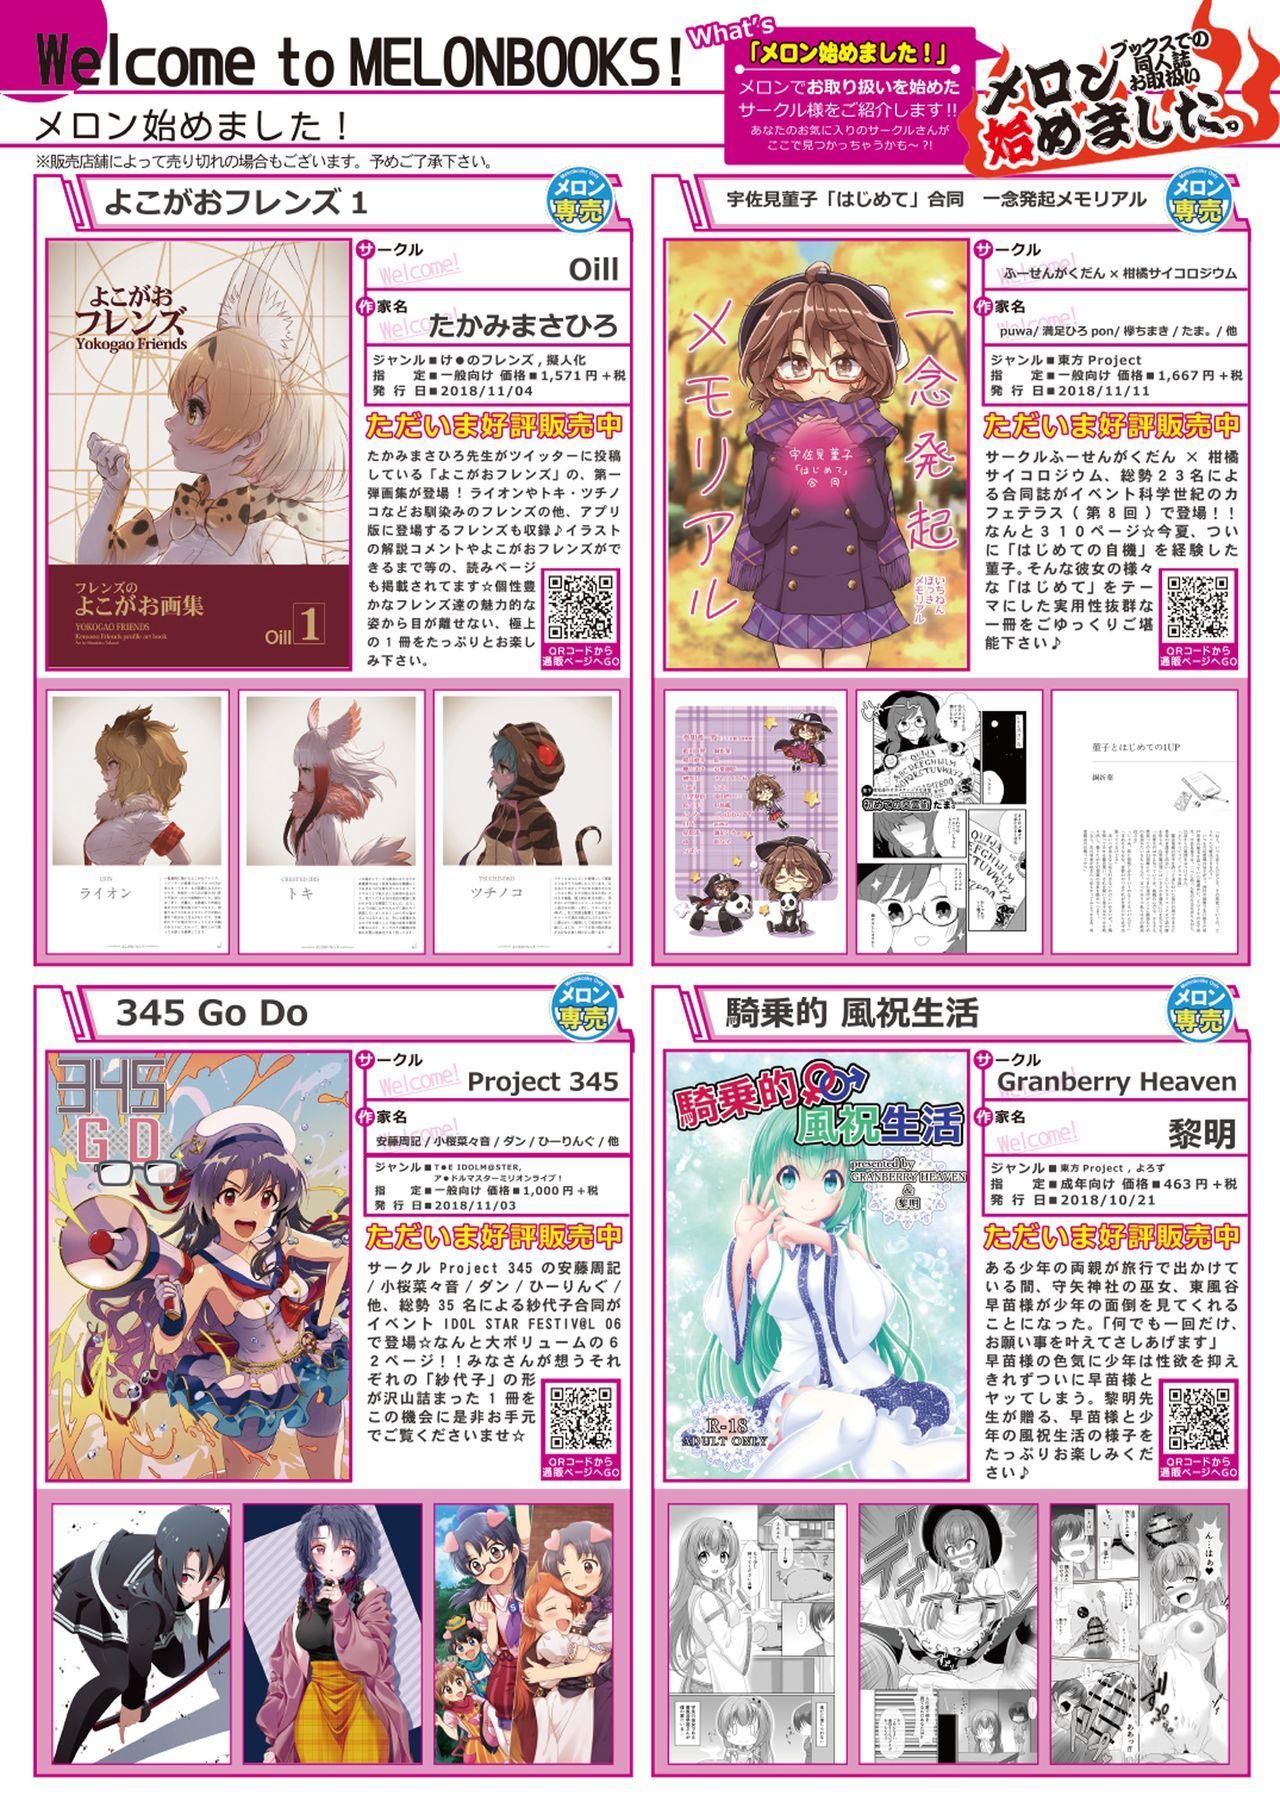 月刊うりぼうざっか店 2018年11月25日発行号 9